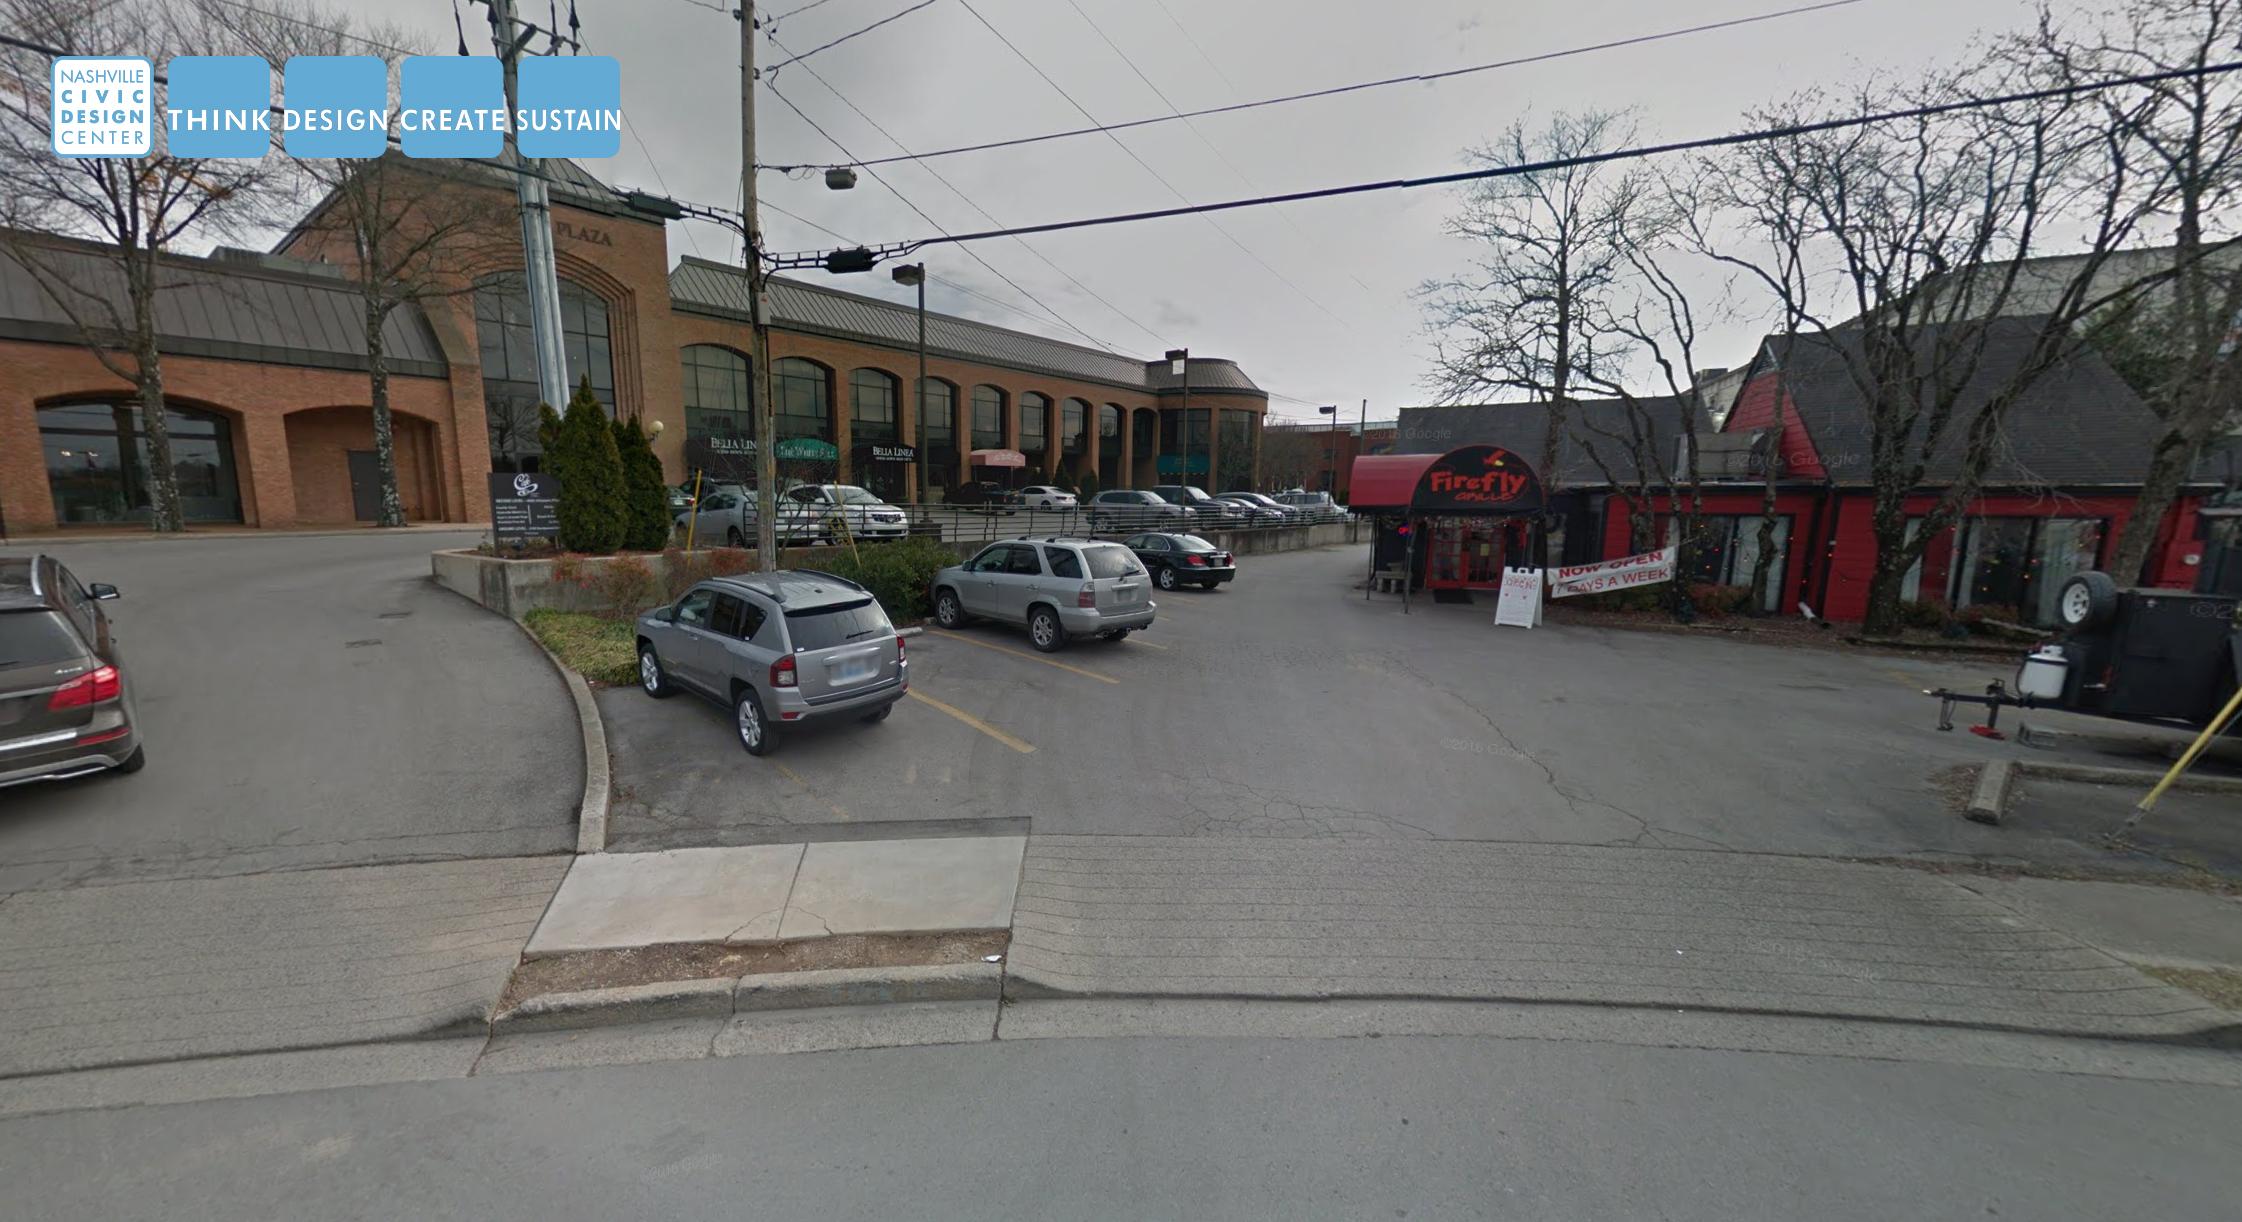 Bandywood to hillcenter-ped kiosk_before.jpg